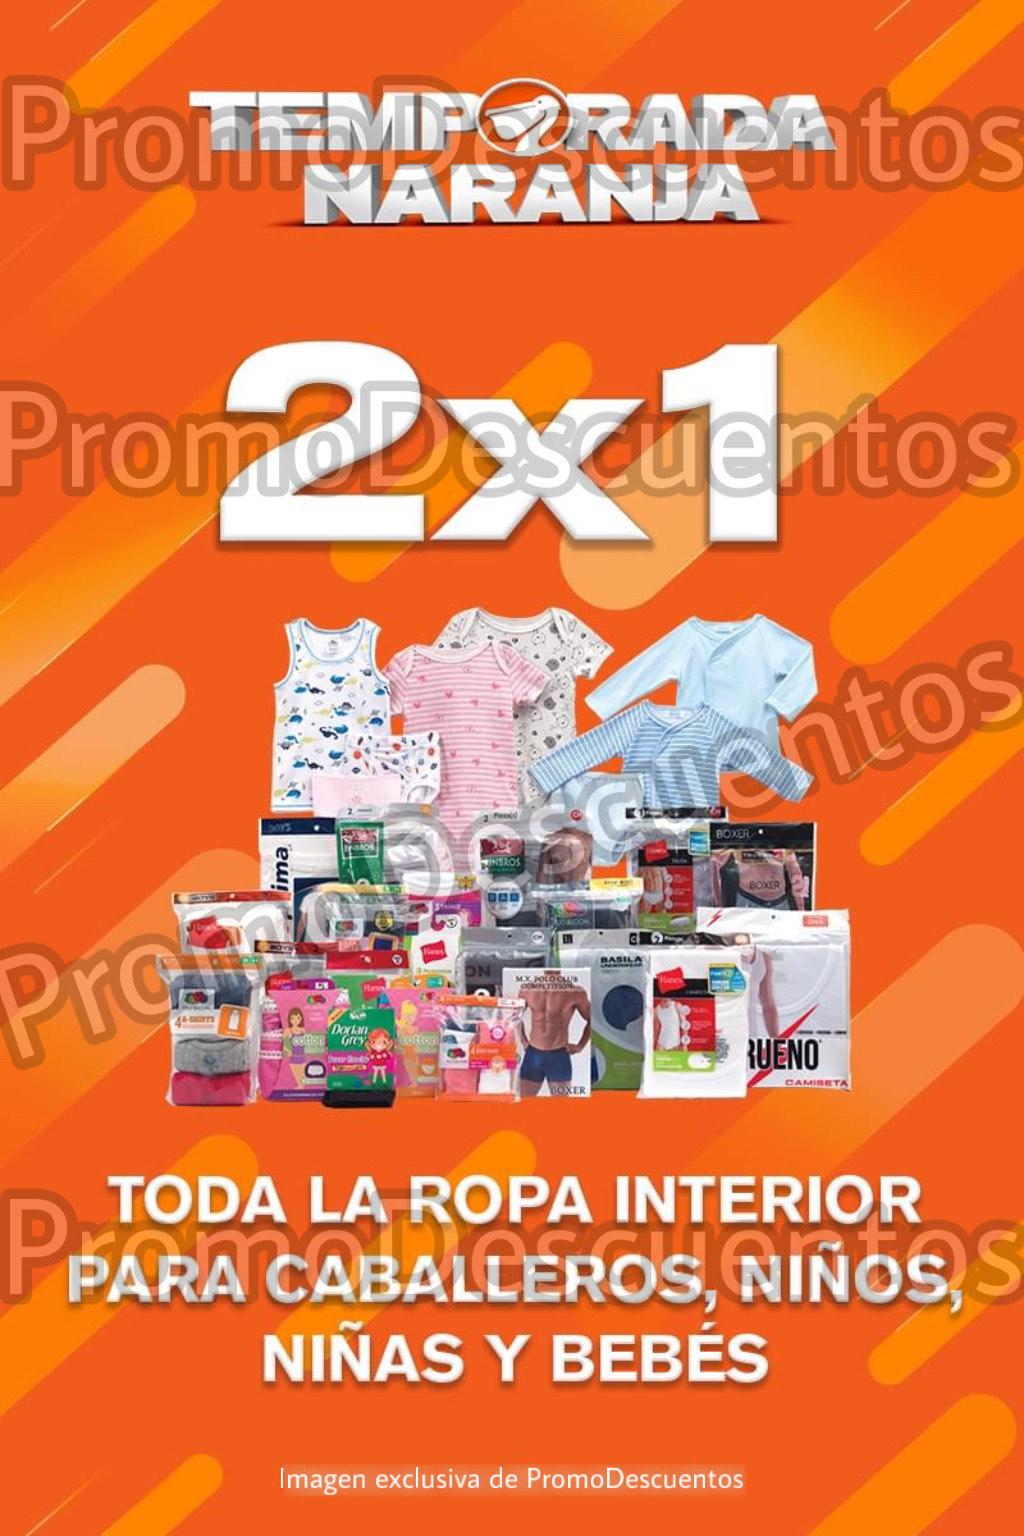 Temporada Naranja 2020 en La Comer: 2x1 en TODA la Ropa Interior